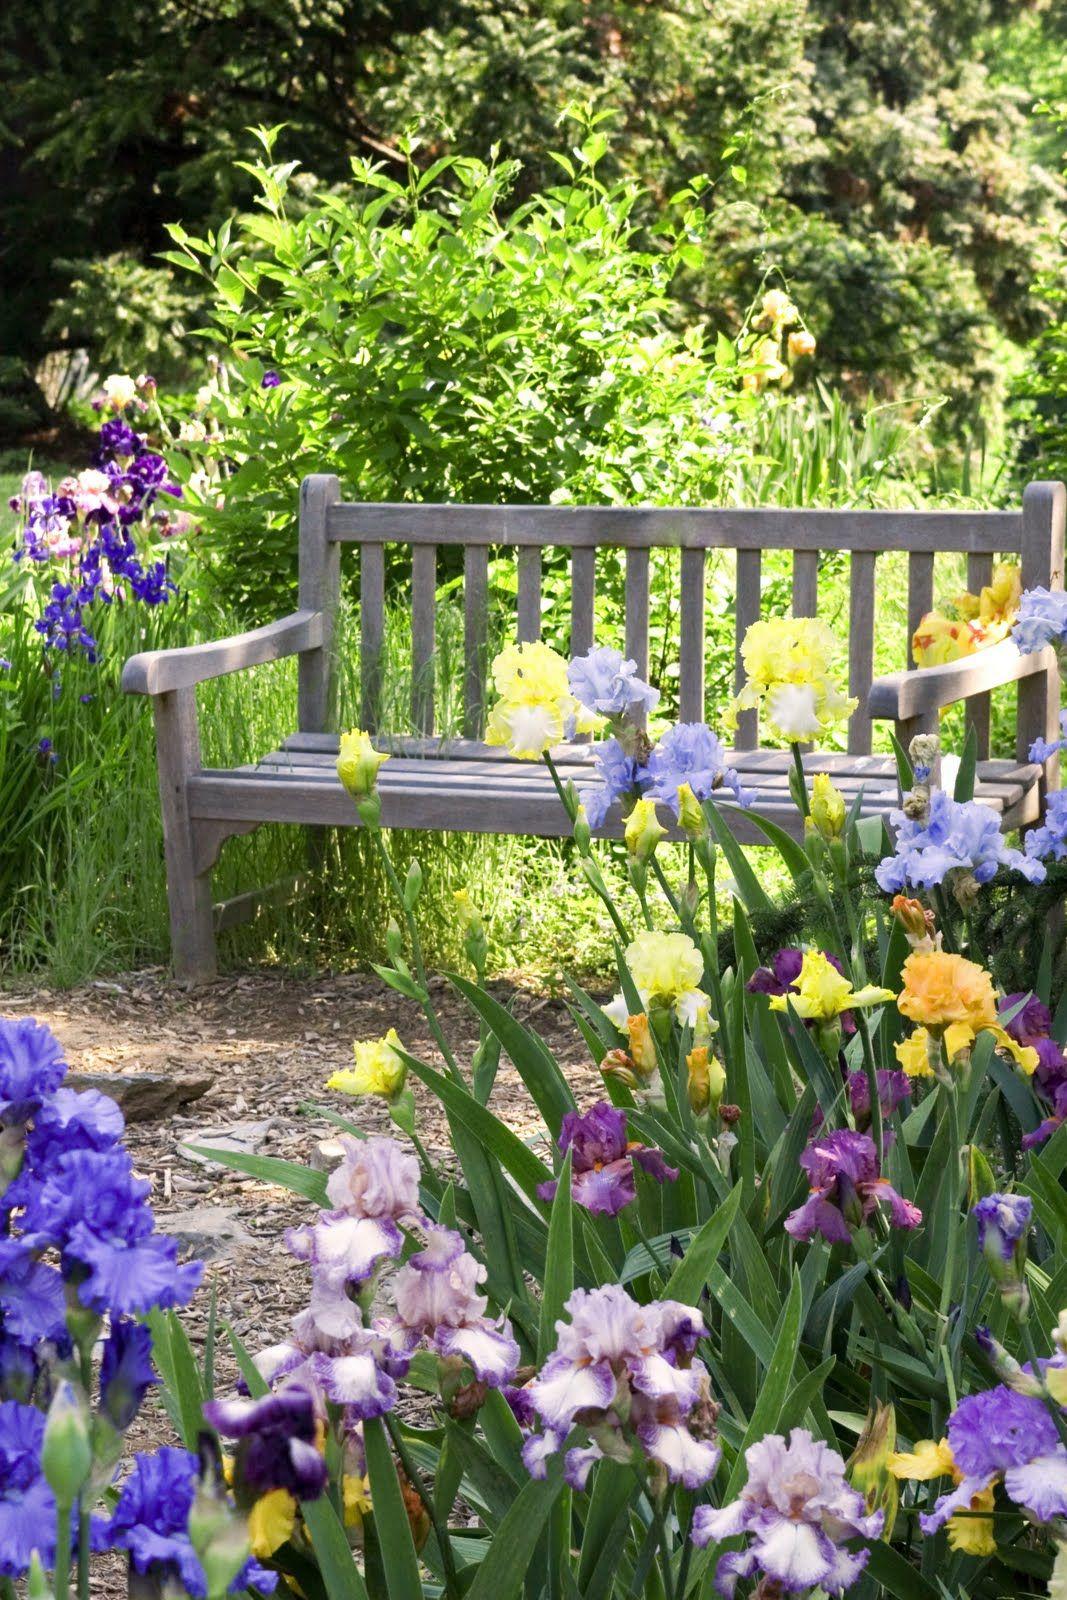 Ирисы, пожалуй, самые традиционные цветы на дачном участке